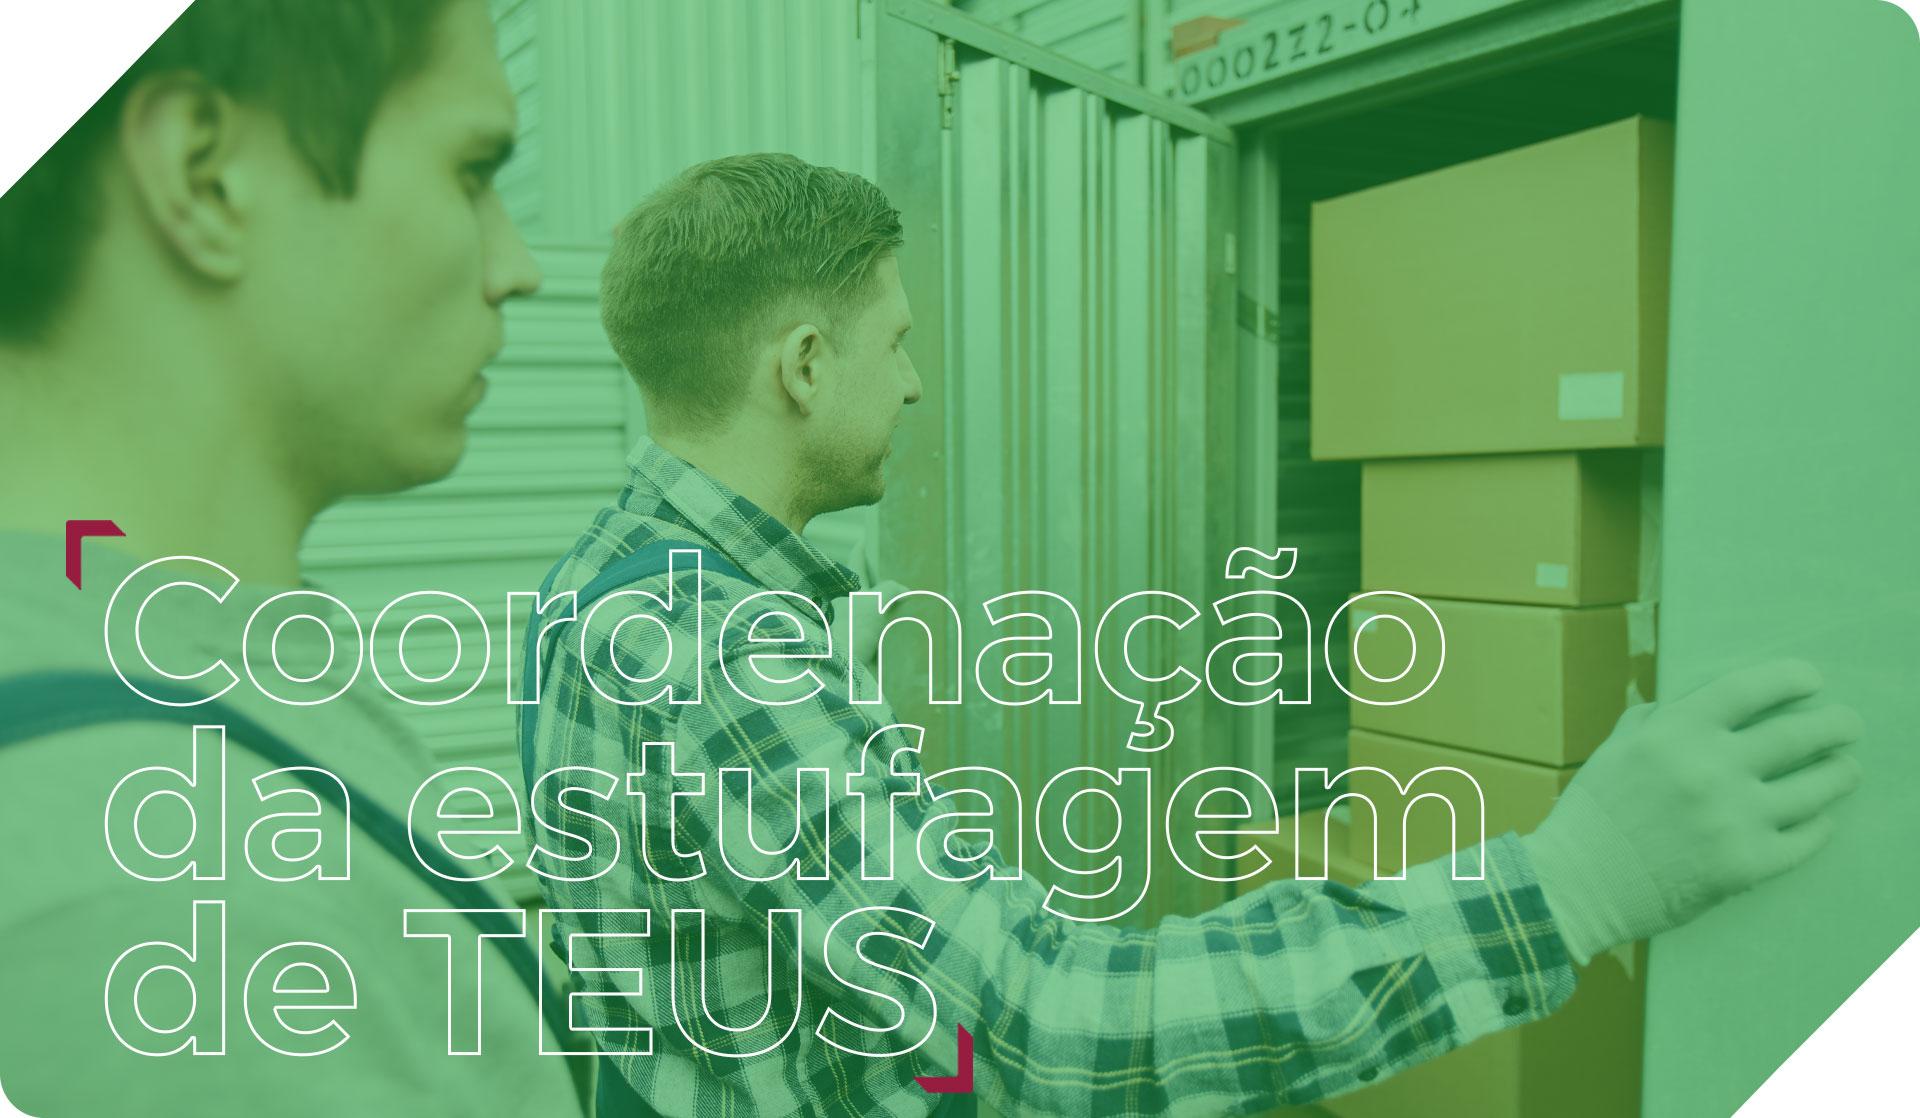 Coordenação da estufagem de TEUS Serviços Portuários PM Logística